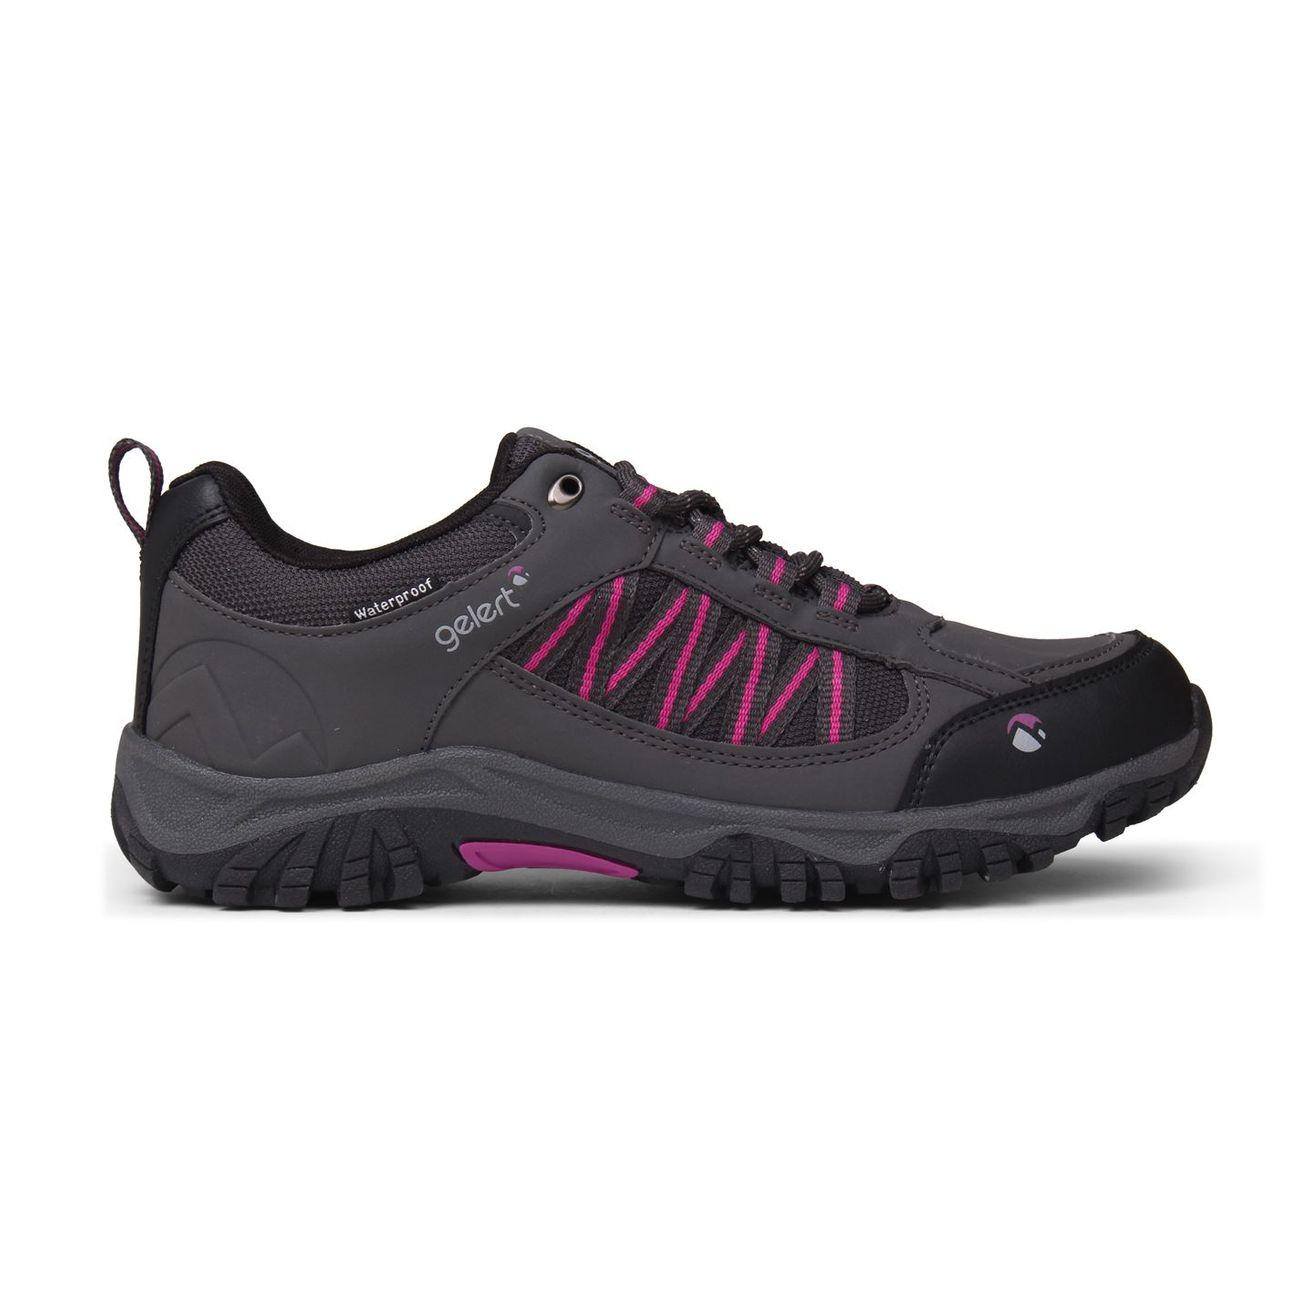 Randonnée femme GELERT Horizon Chaussures Basses De Marche Randonnée Montagne Imperméables